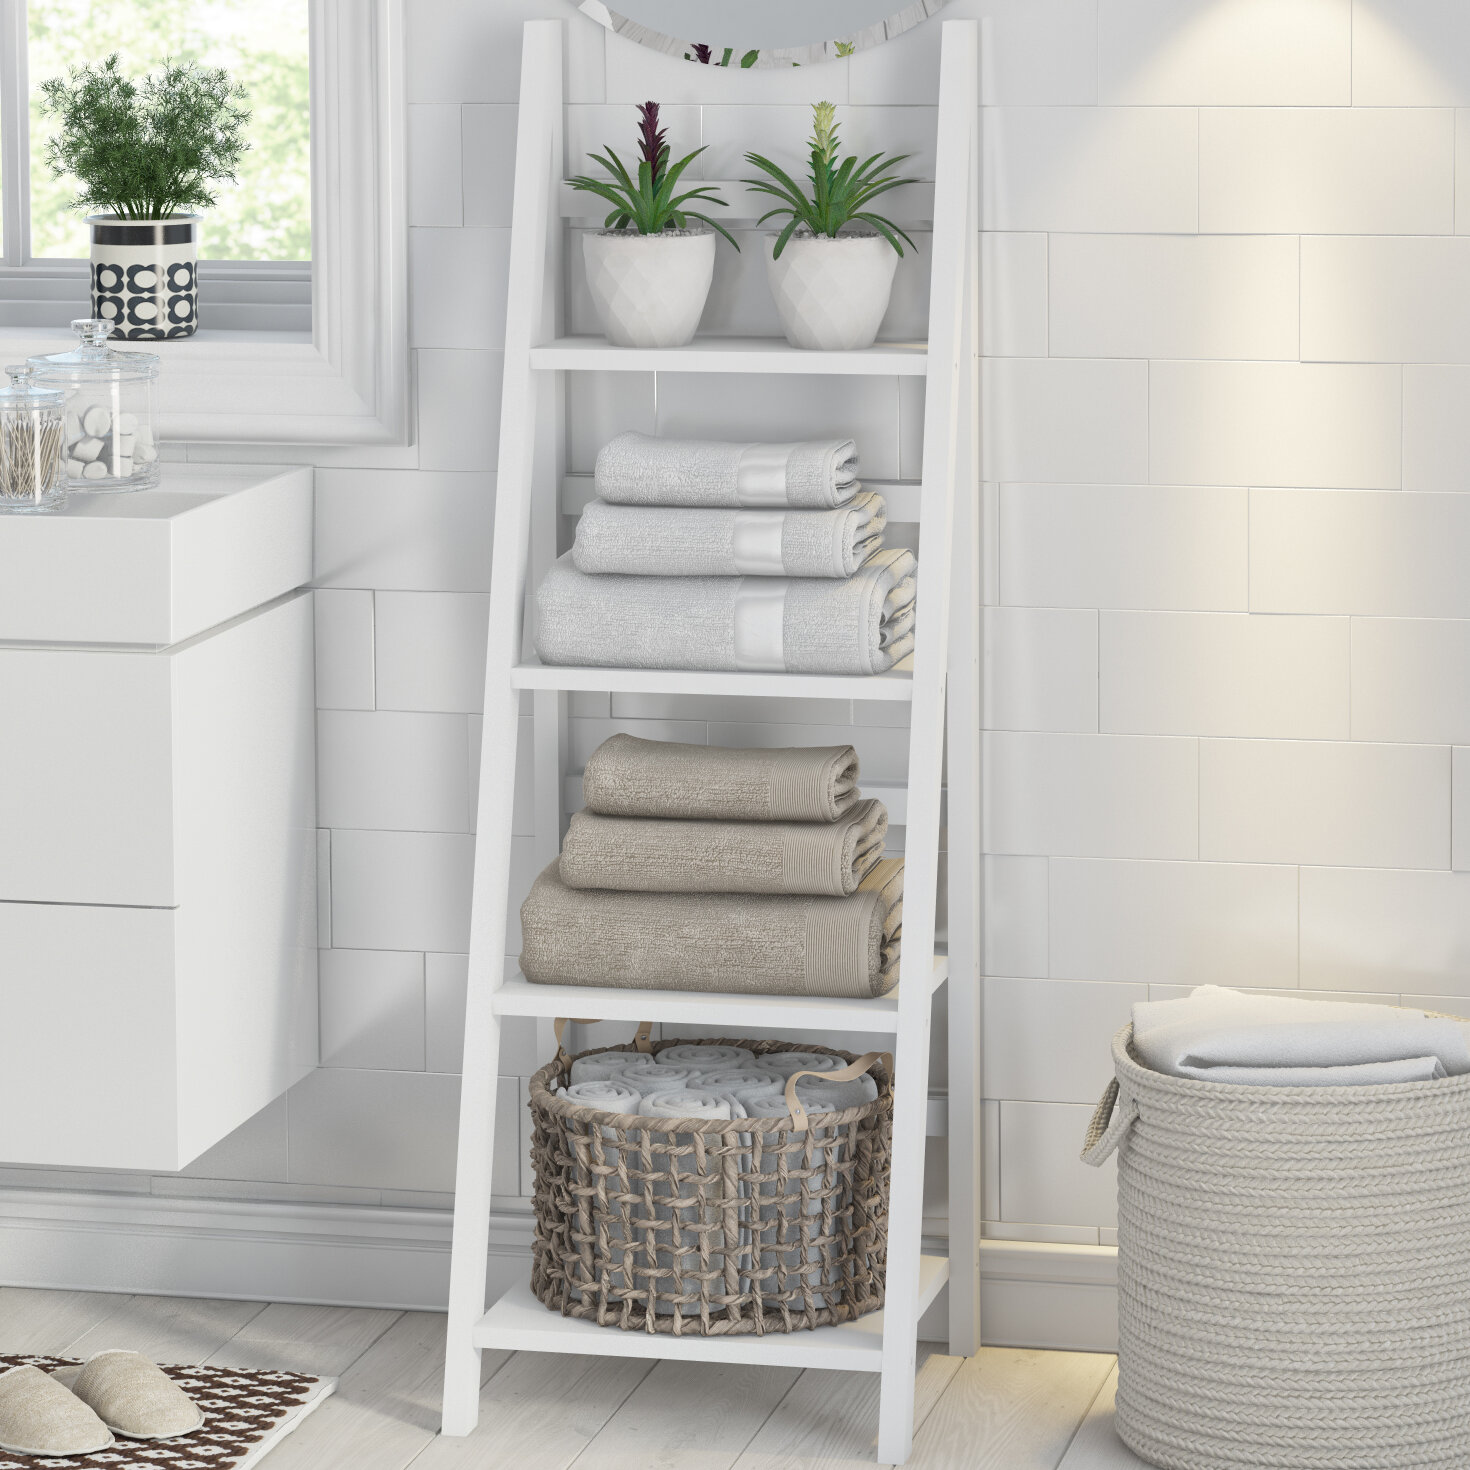 Hykkon Jadyn 10cm x 10cm Bathroom Shelf & Reviews  Wayfair.co.uk